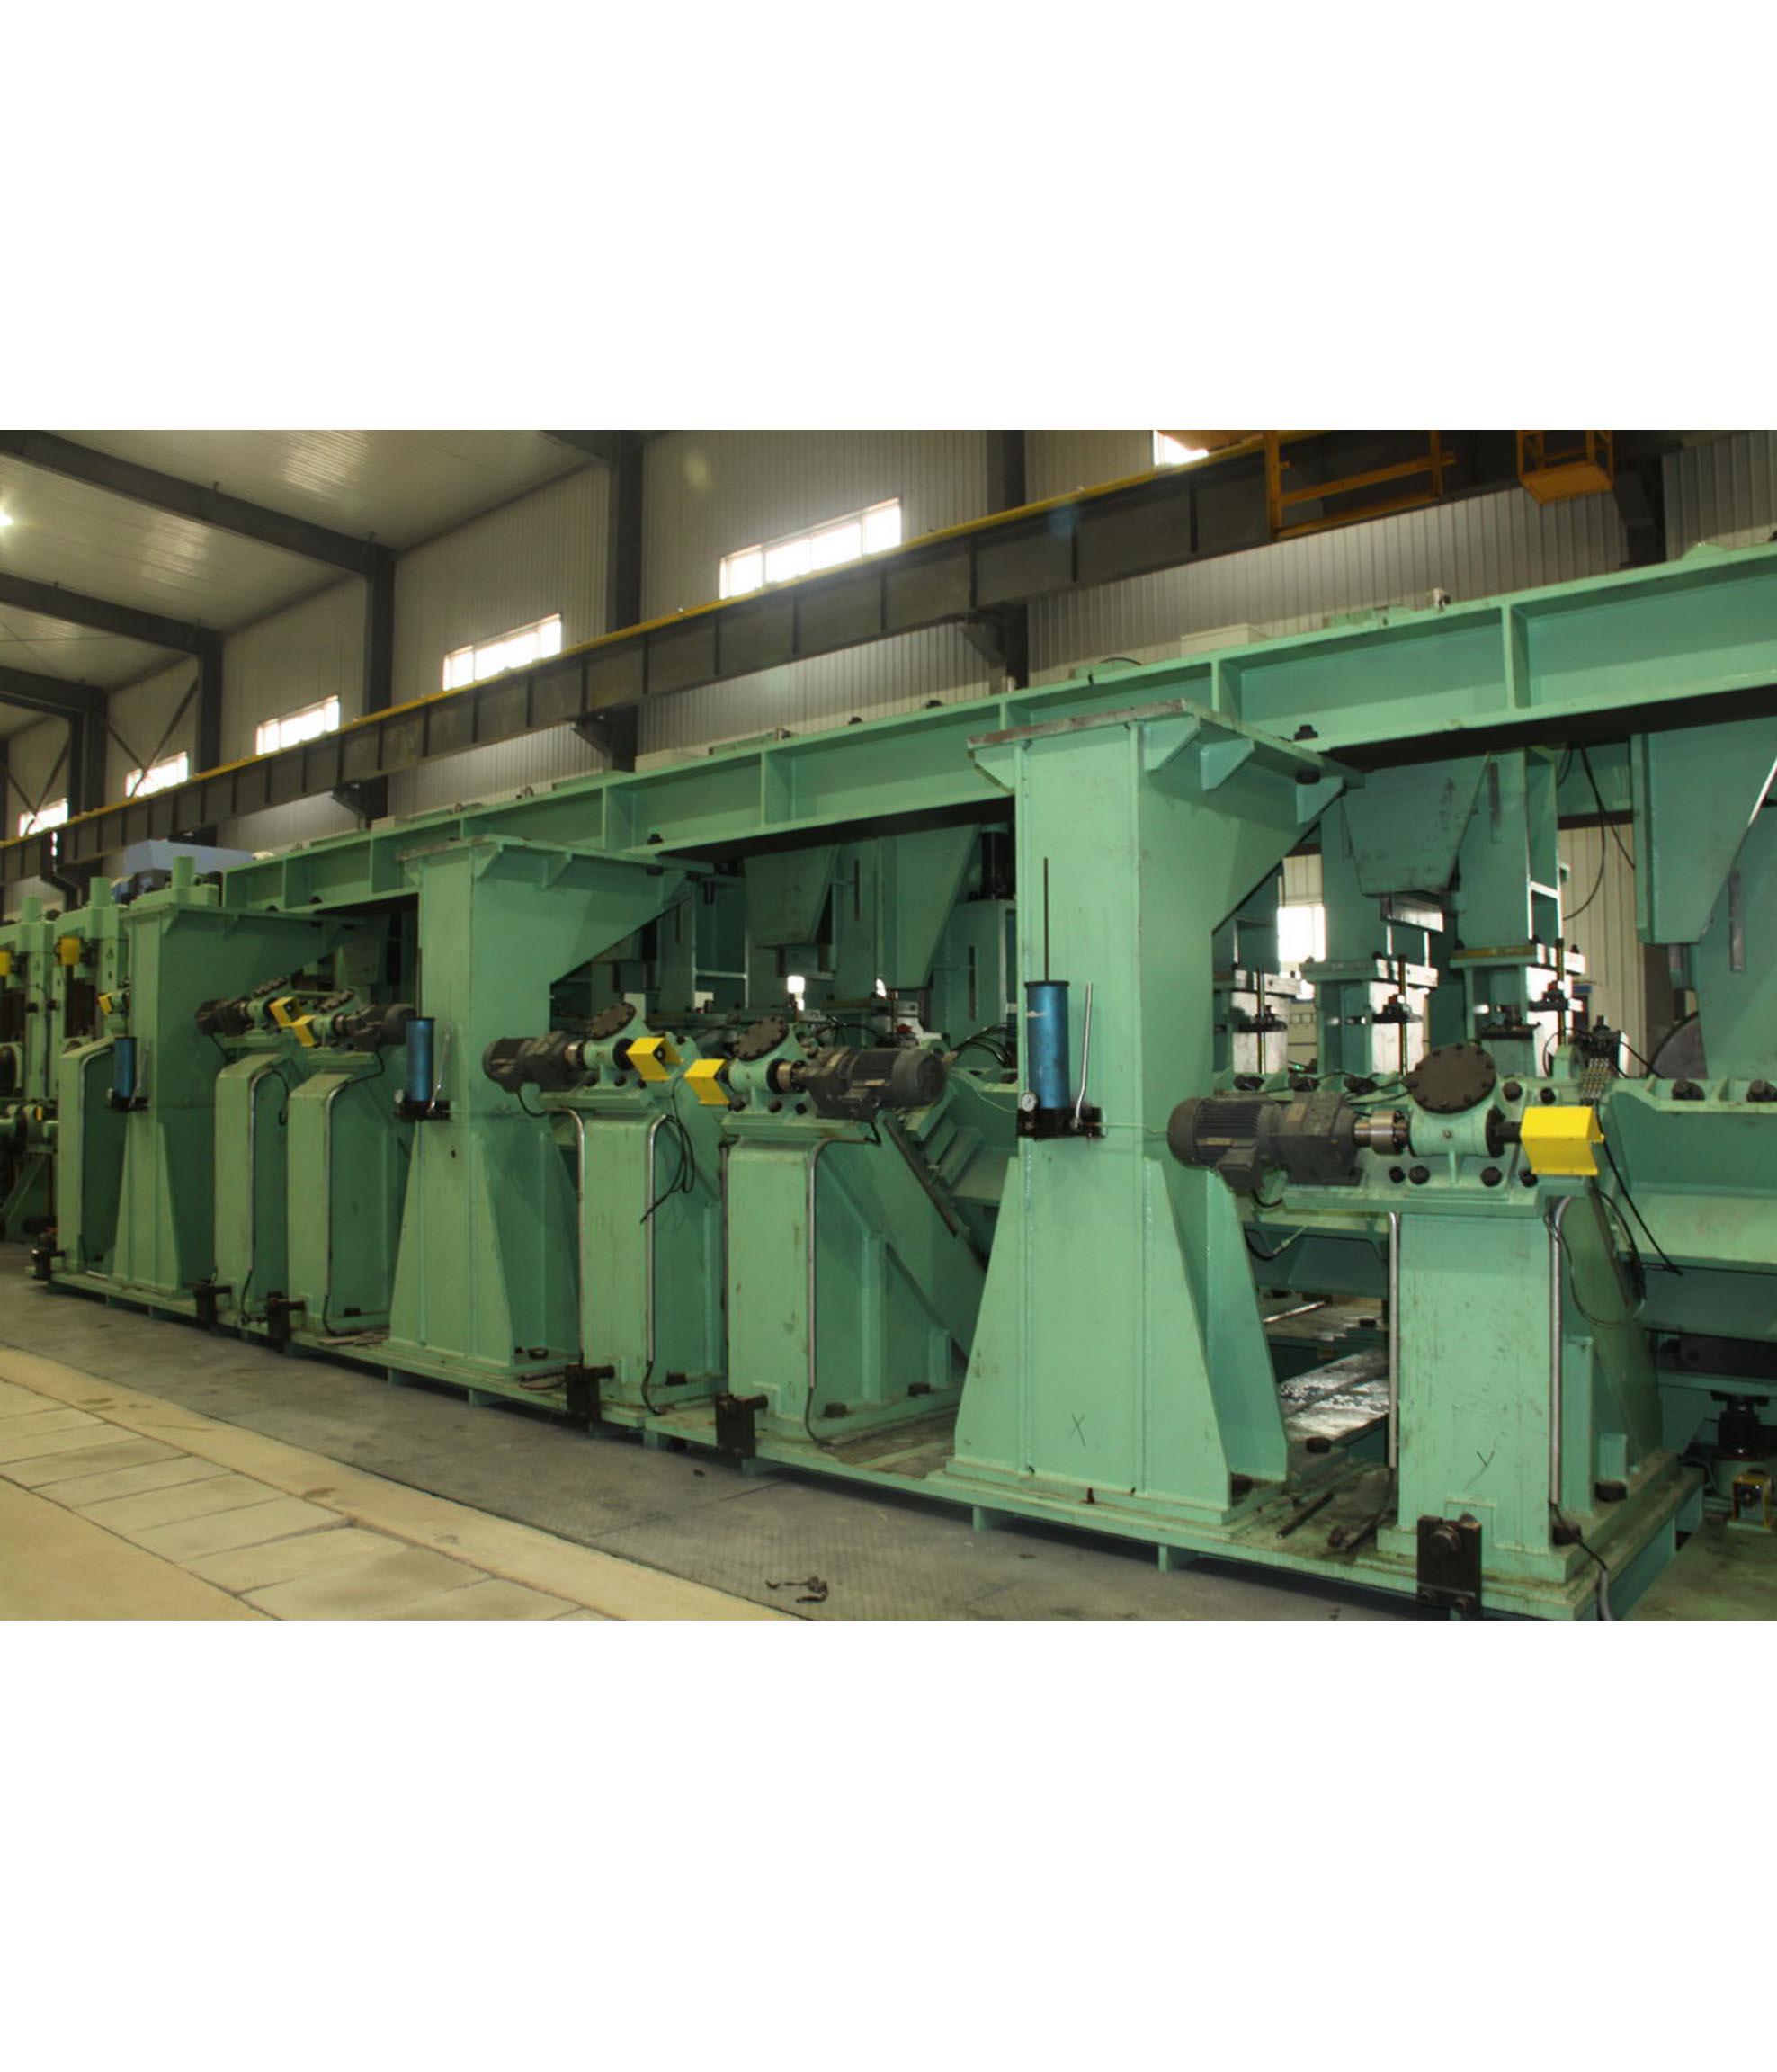 Трубосварочная линия производства SG630